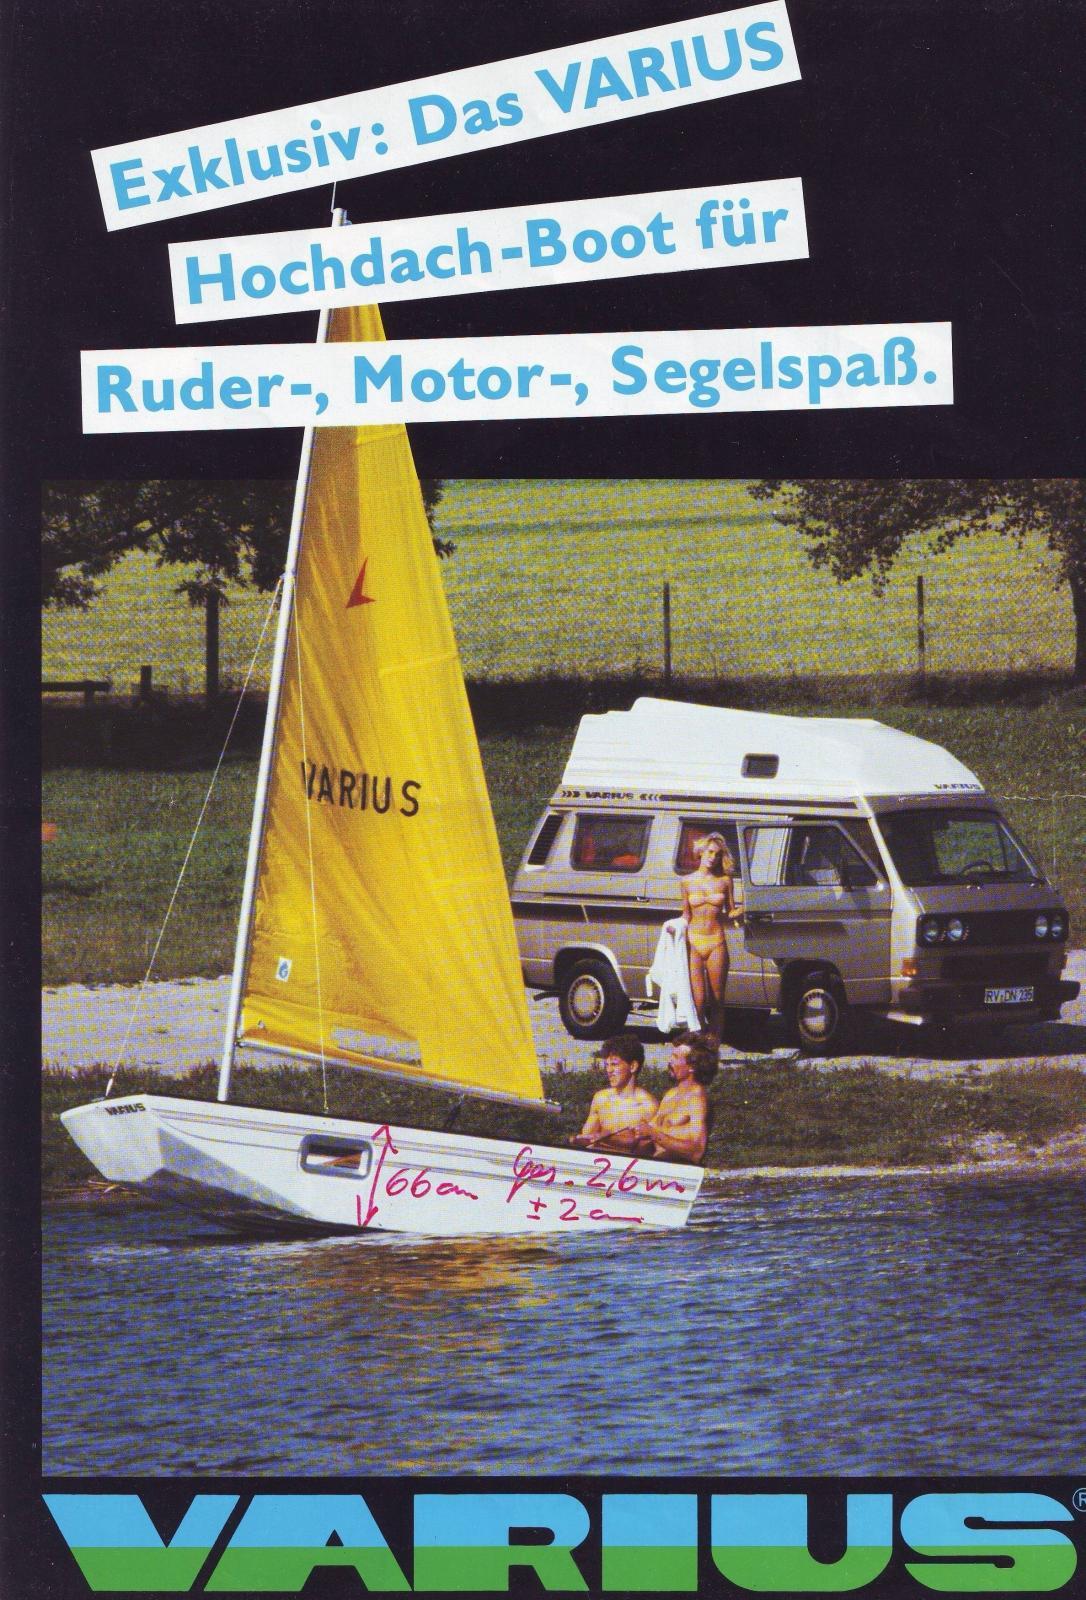 Varius Boat-top Camper